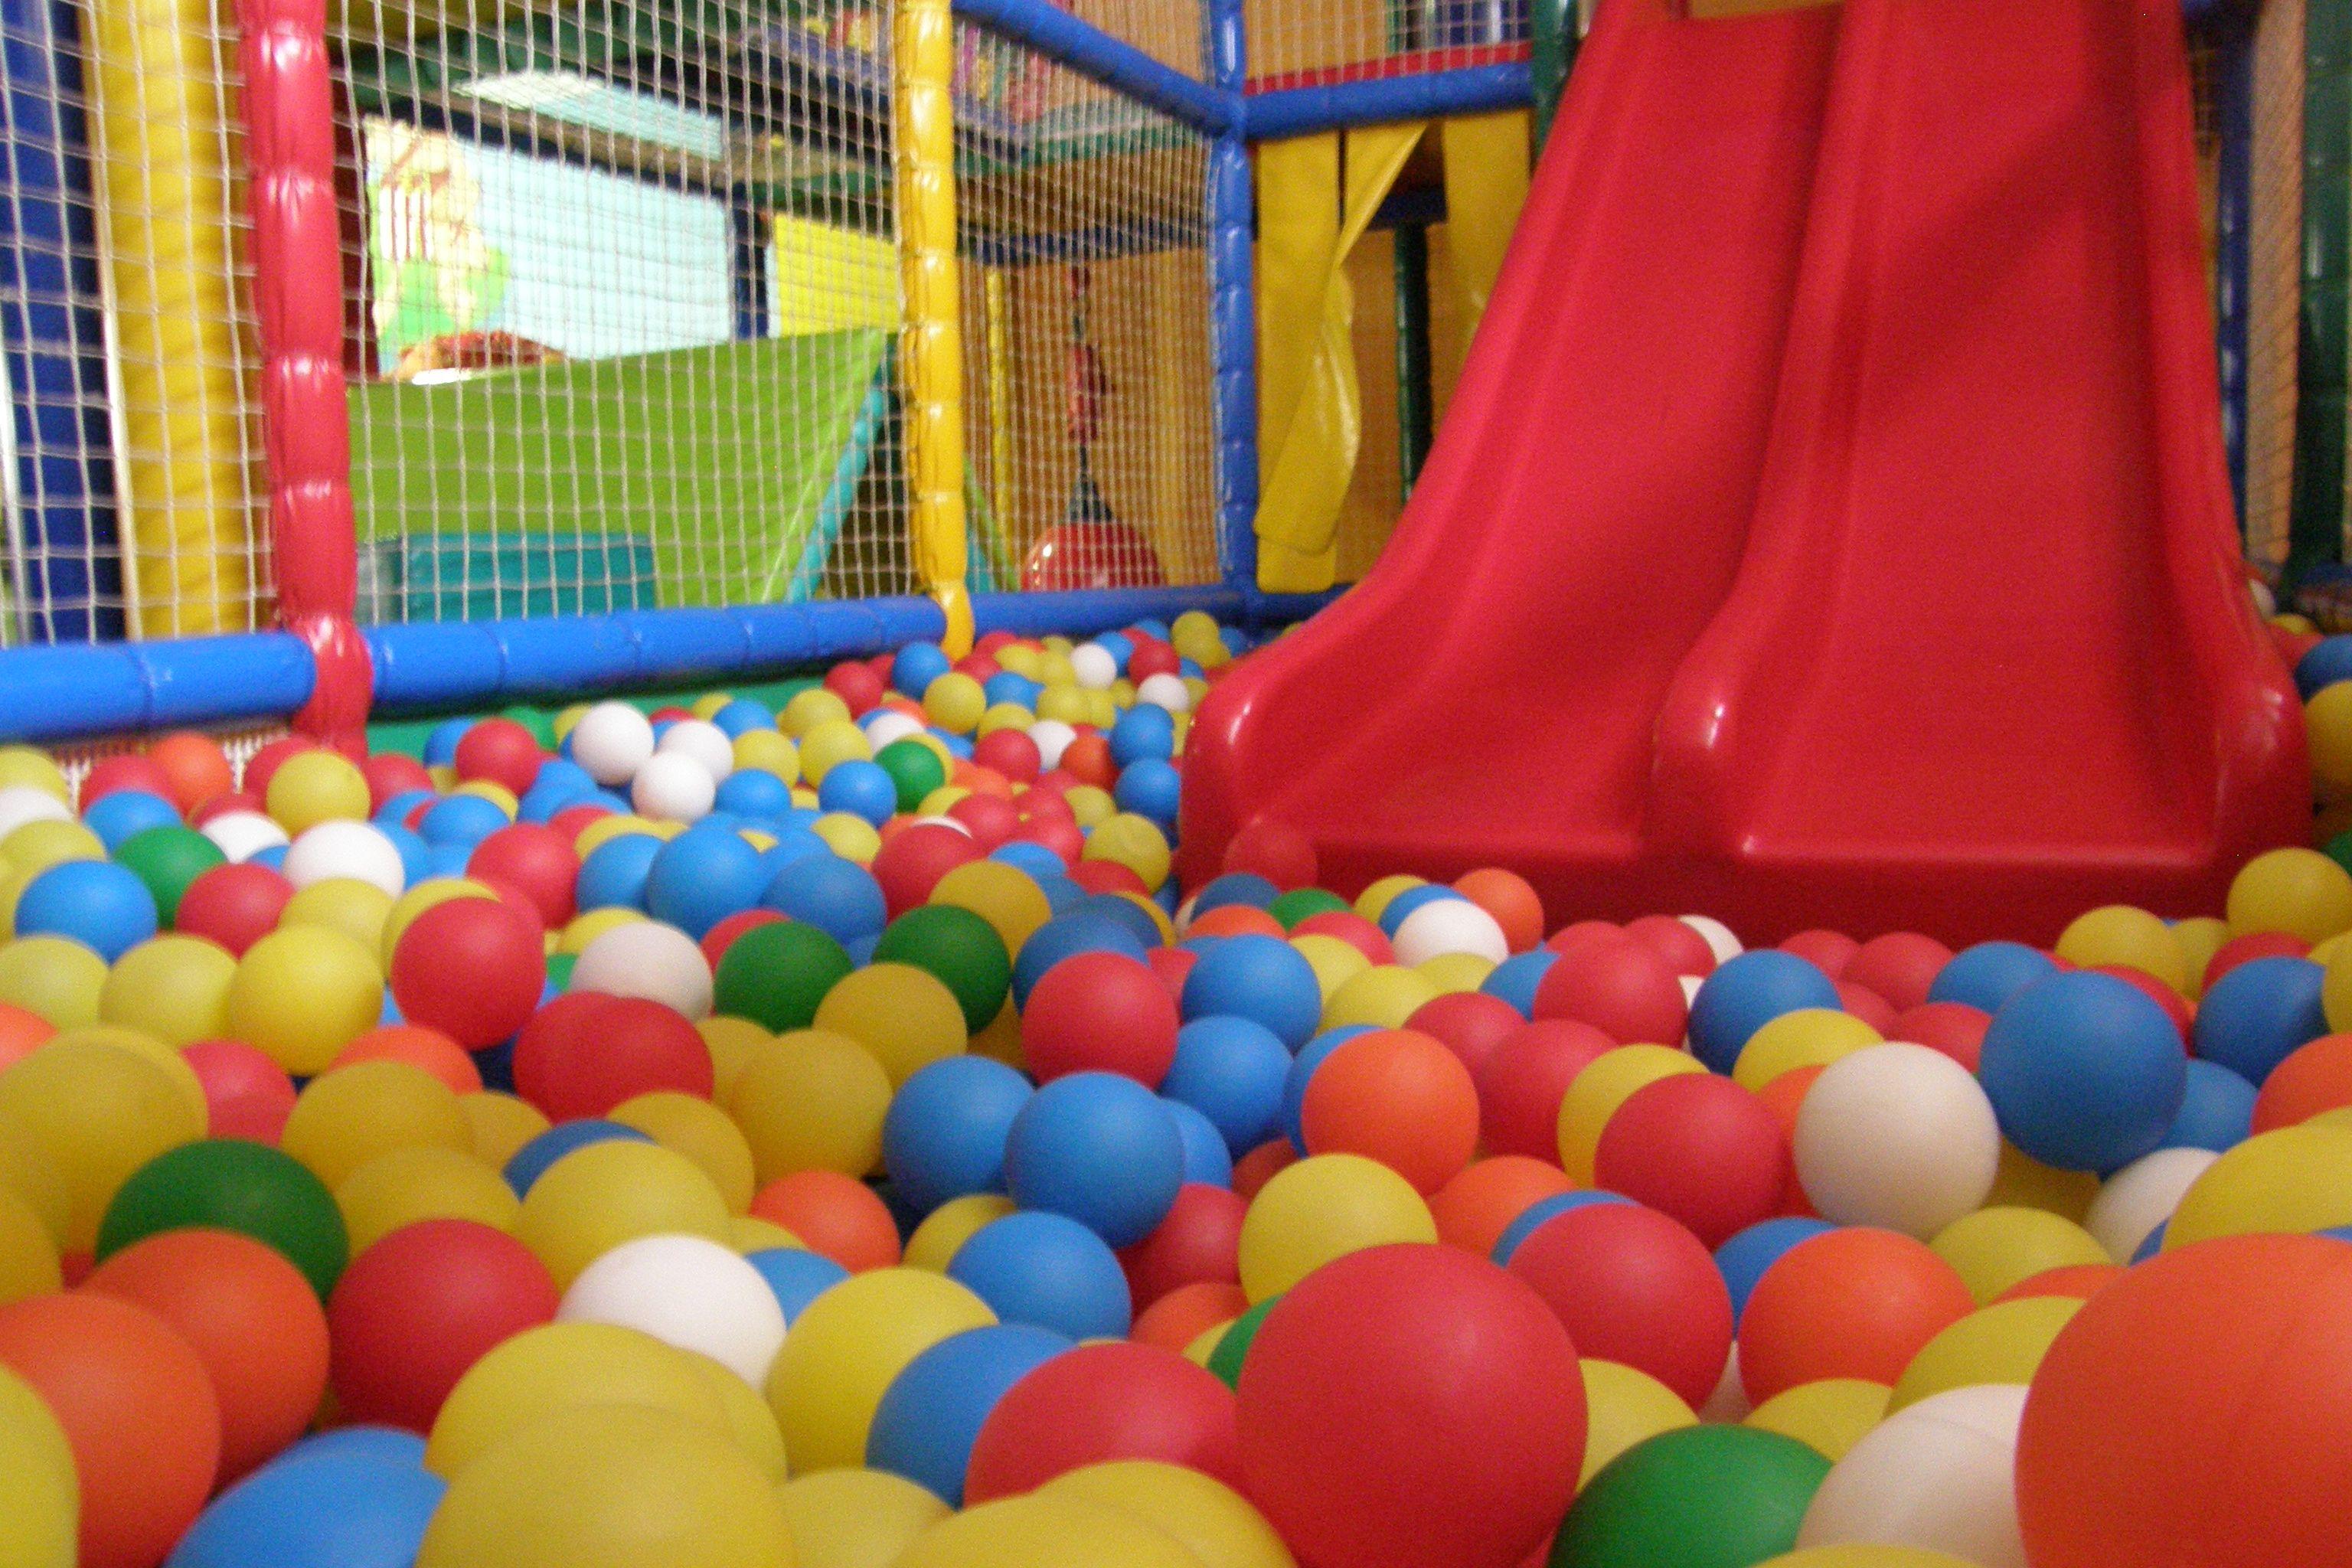 La piscina de bolas!!